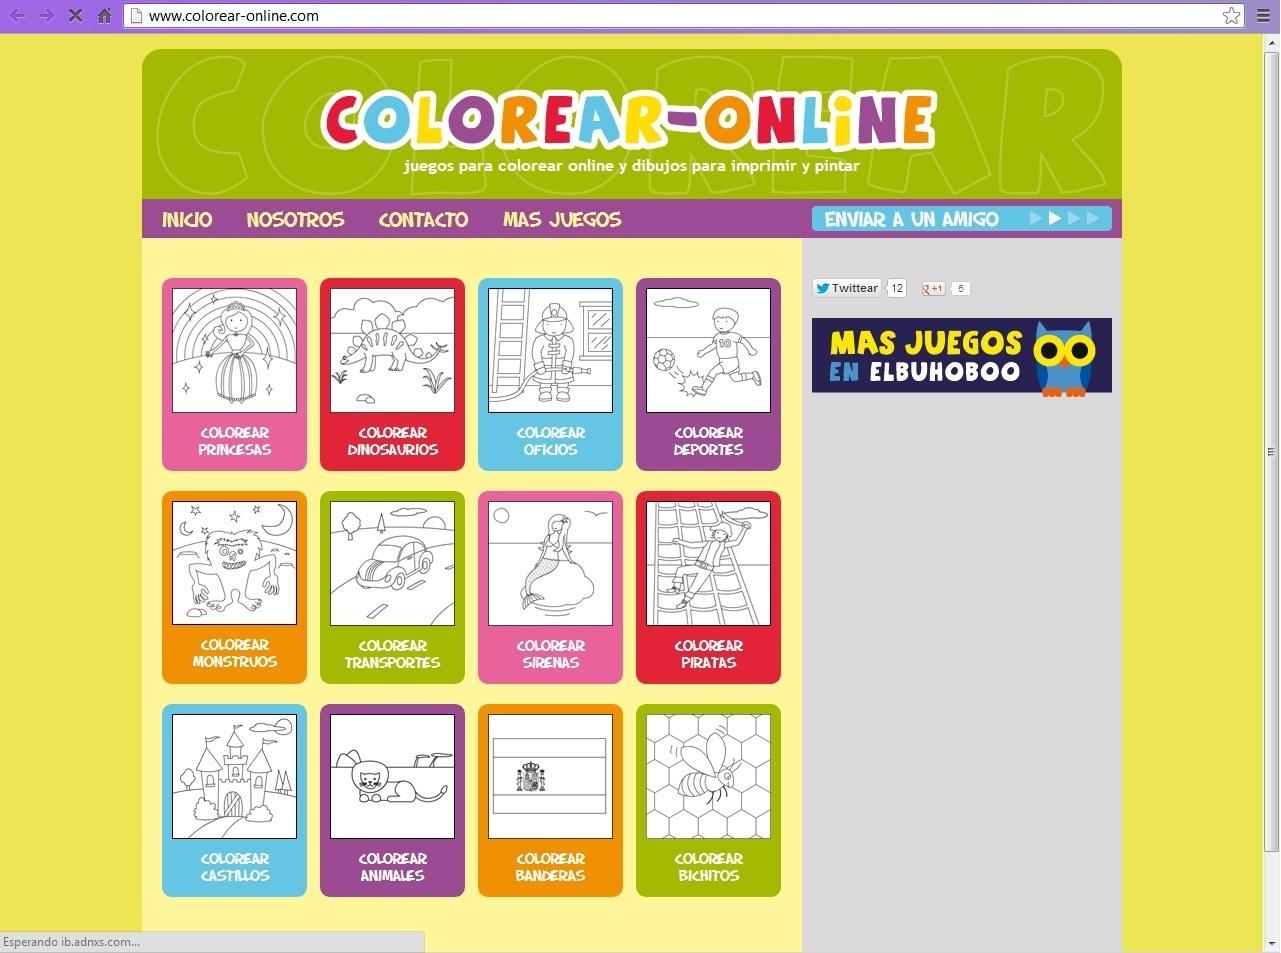 COLOREAR ONLINE: juegos para colorear online y